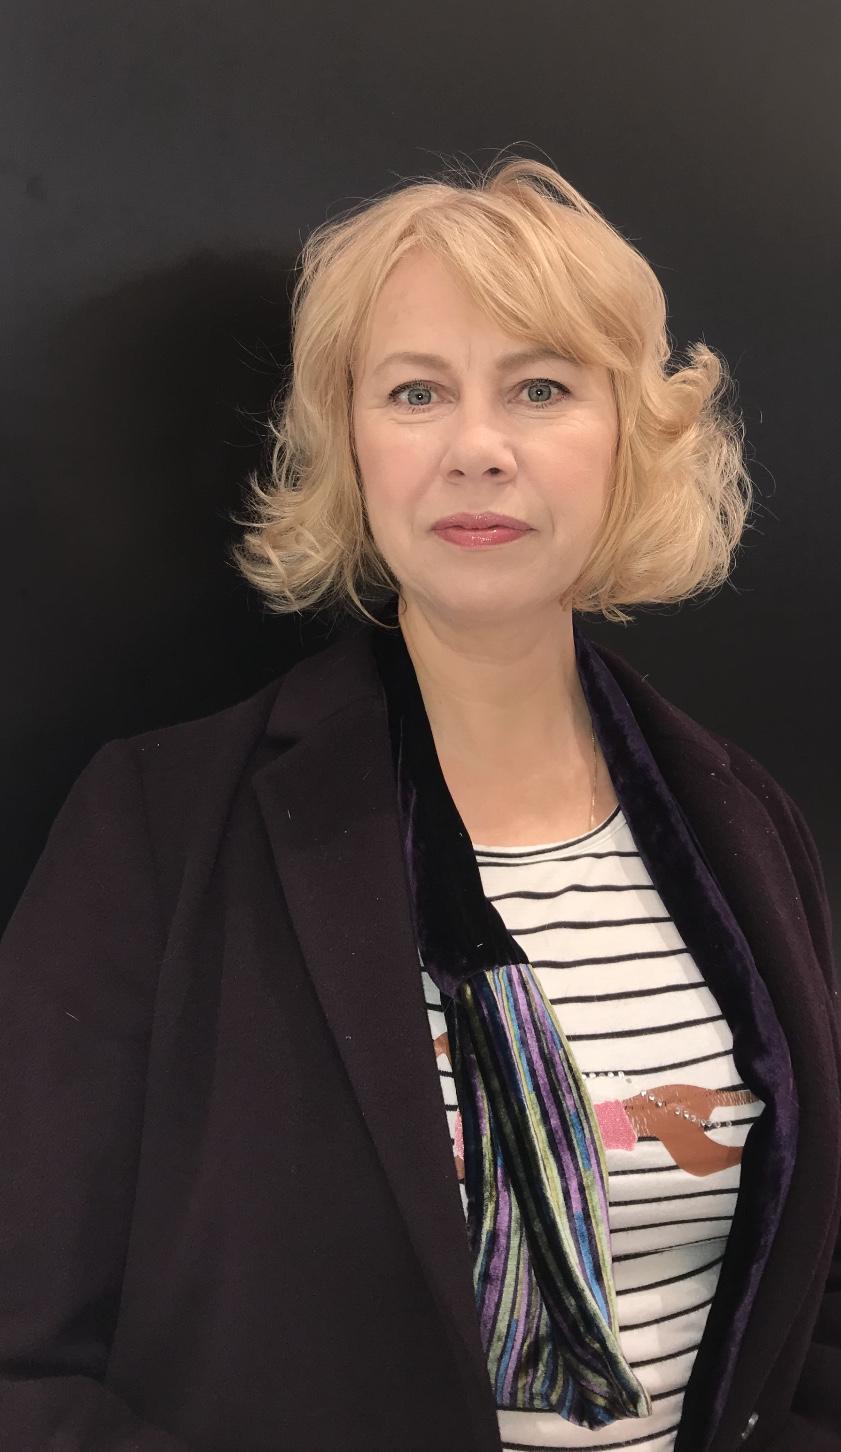 Alina von Davier